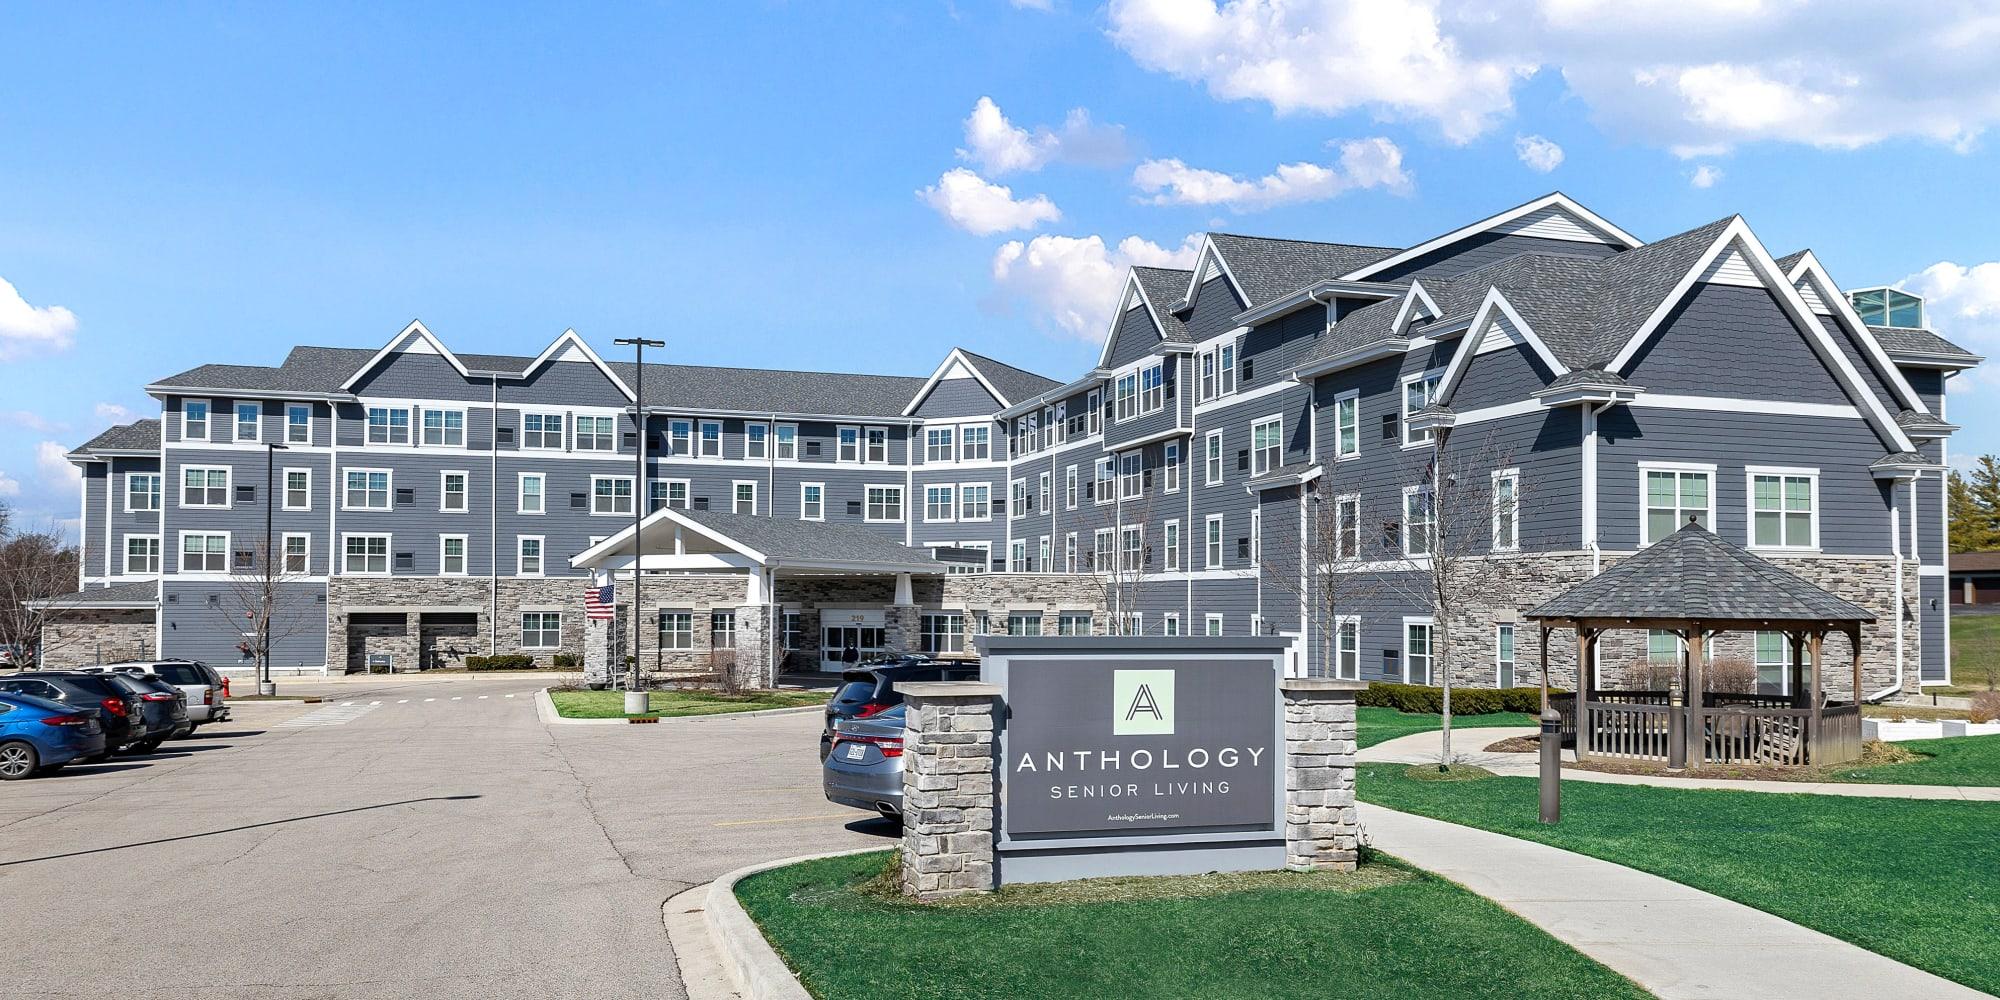 Senior living at Anthology of Wheaton in Wheaton, Illinois